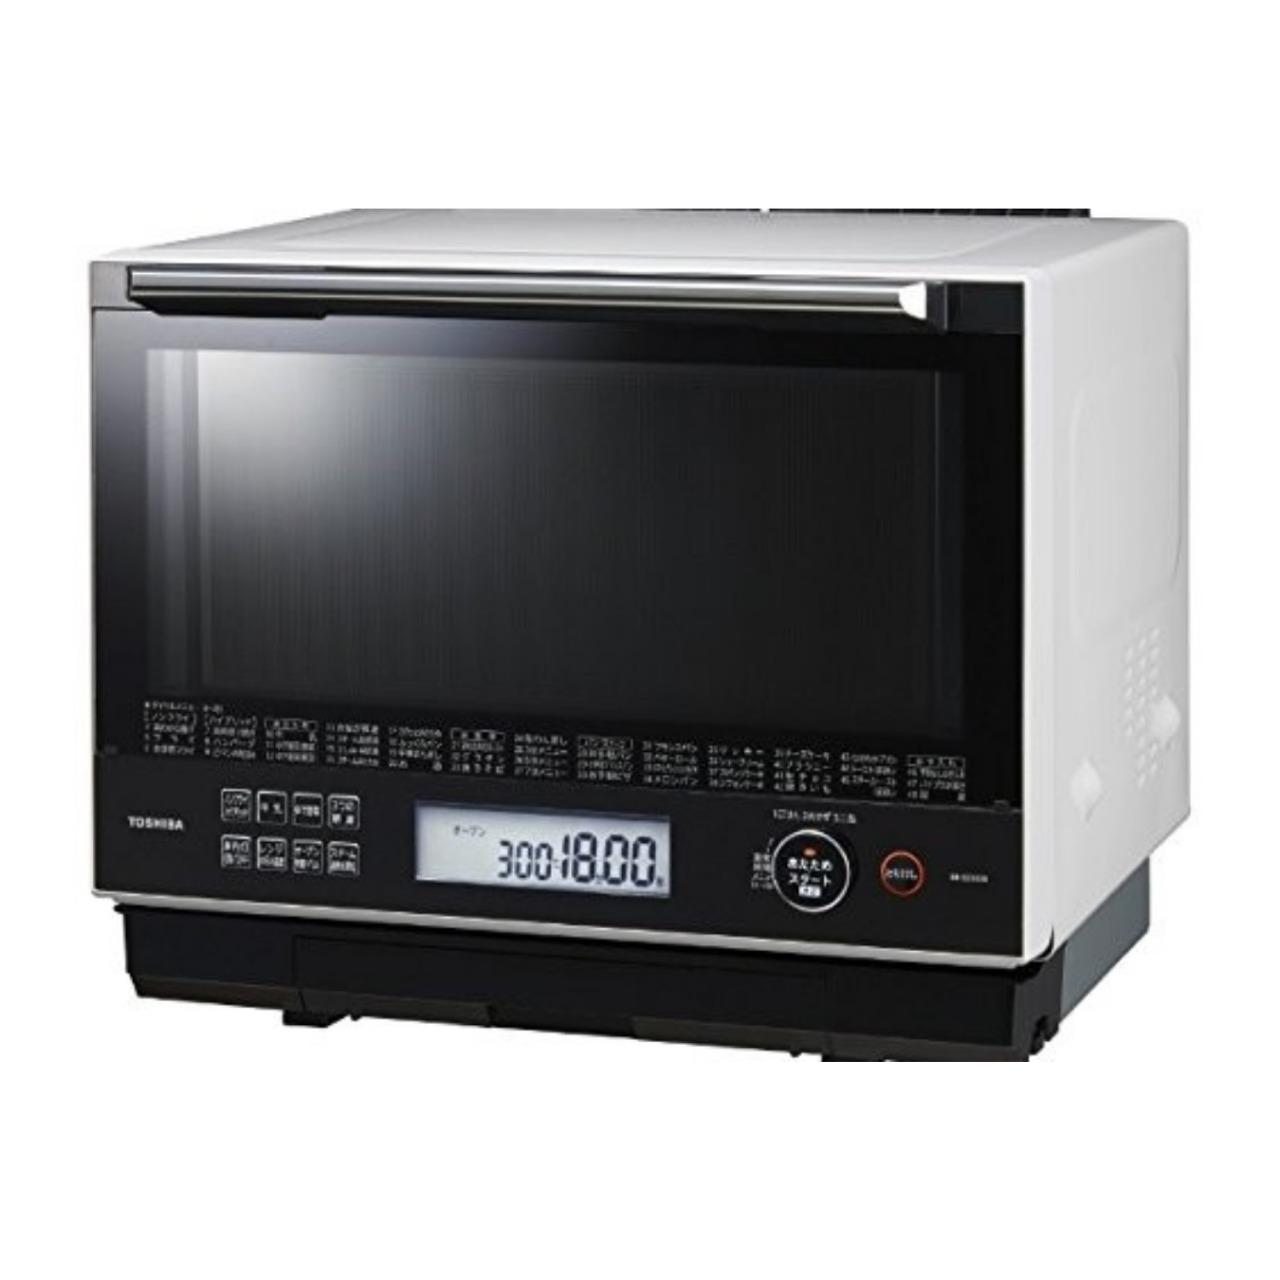 東芝 石窯ドームER-SD3000過熱水蒸気オーブンレンジ